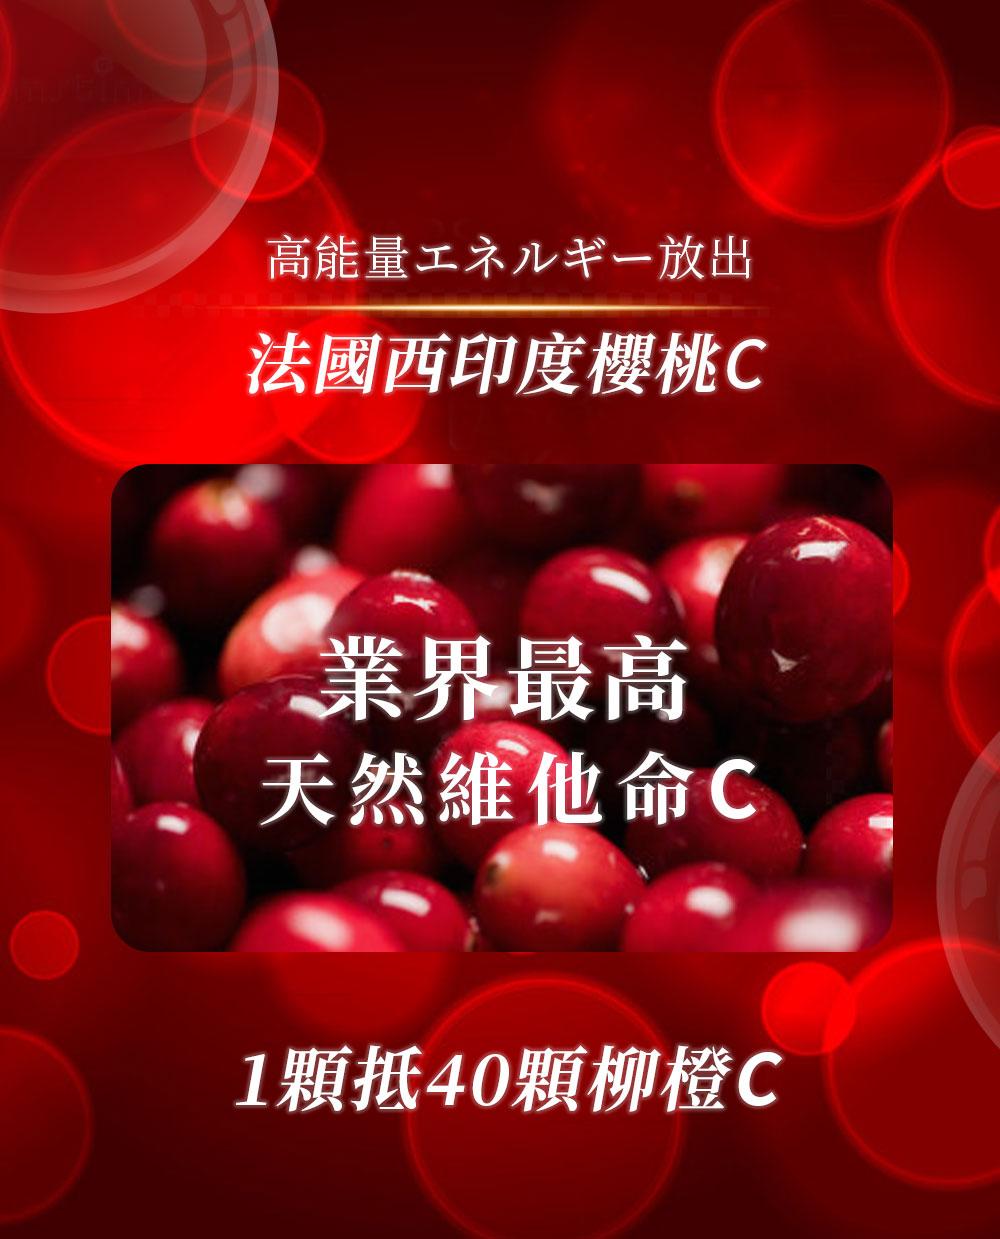 日本膠原蛋白+西印度櫻桃C-膠原蛋白新革命-西印度櫻桃c高能量釋放一顆底40顆柳橙C